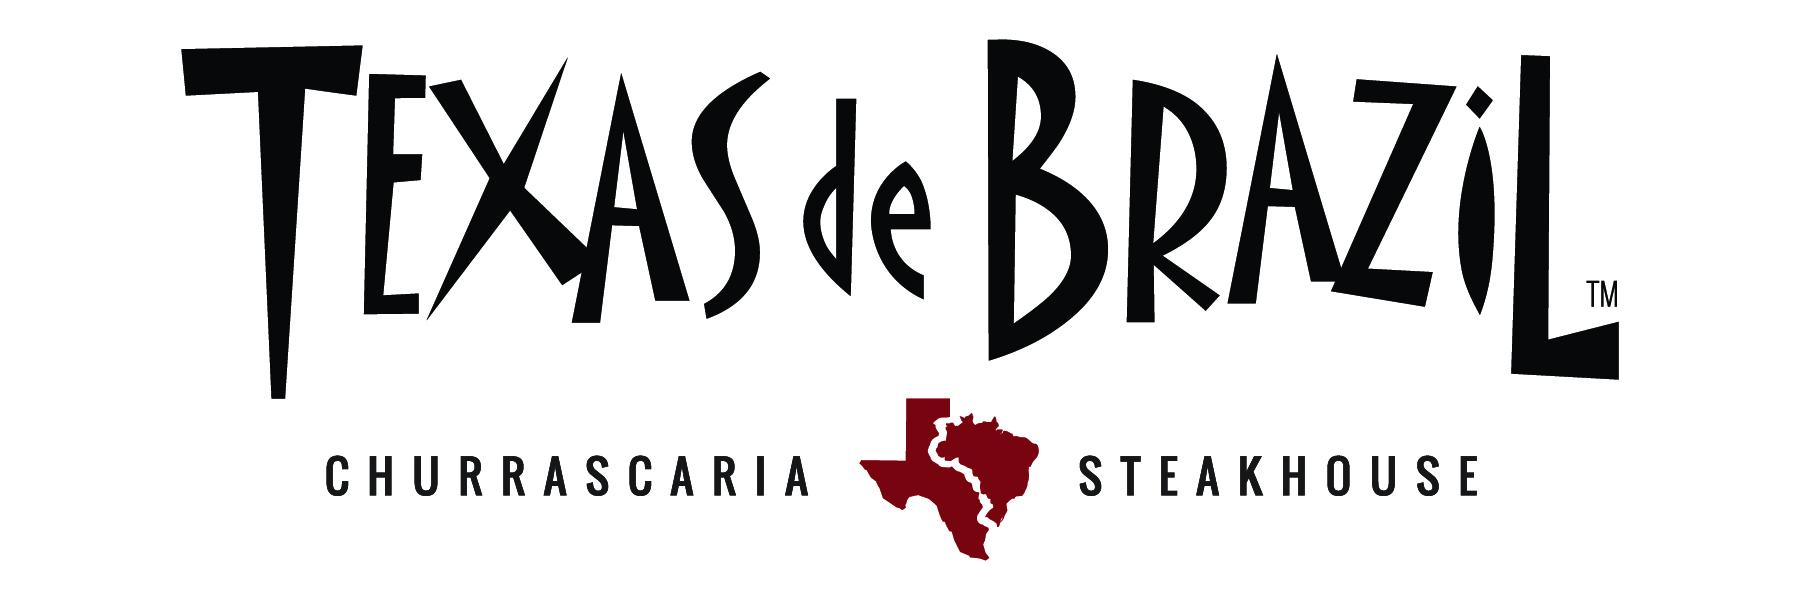 Texas-De-Brazil-Horizontal.jpg